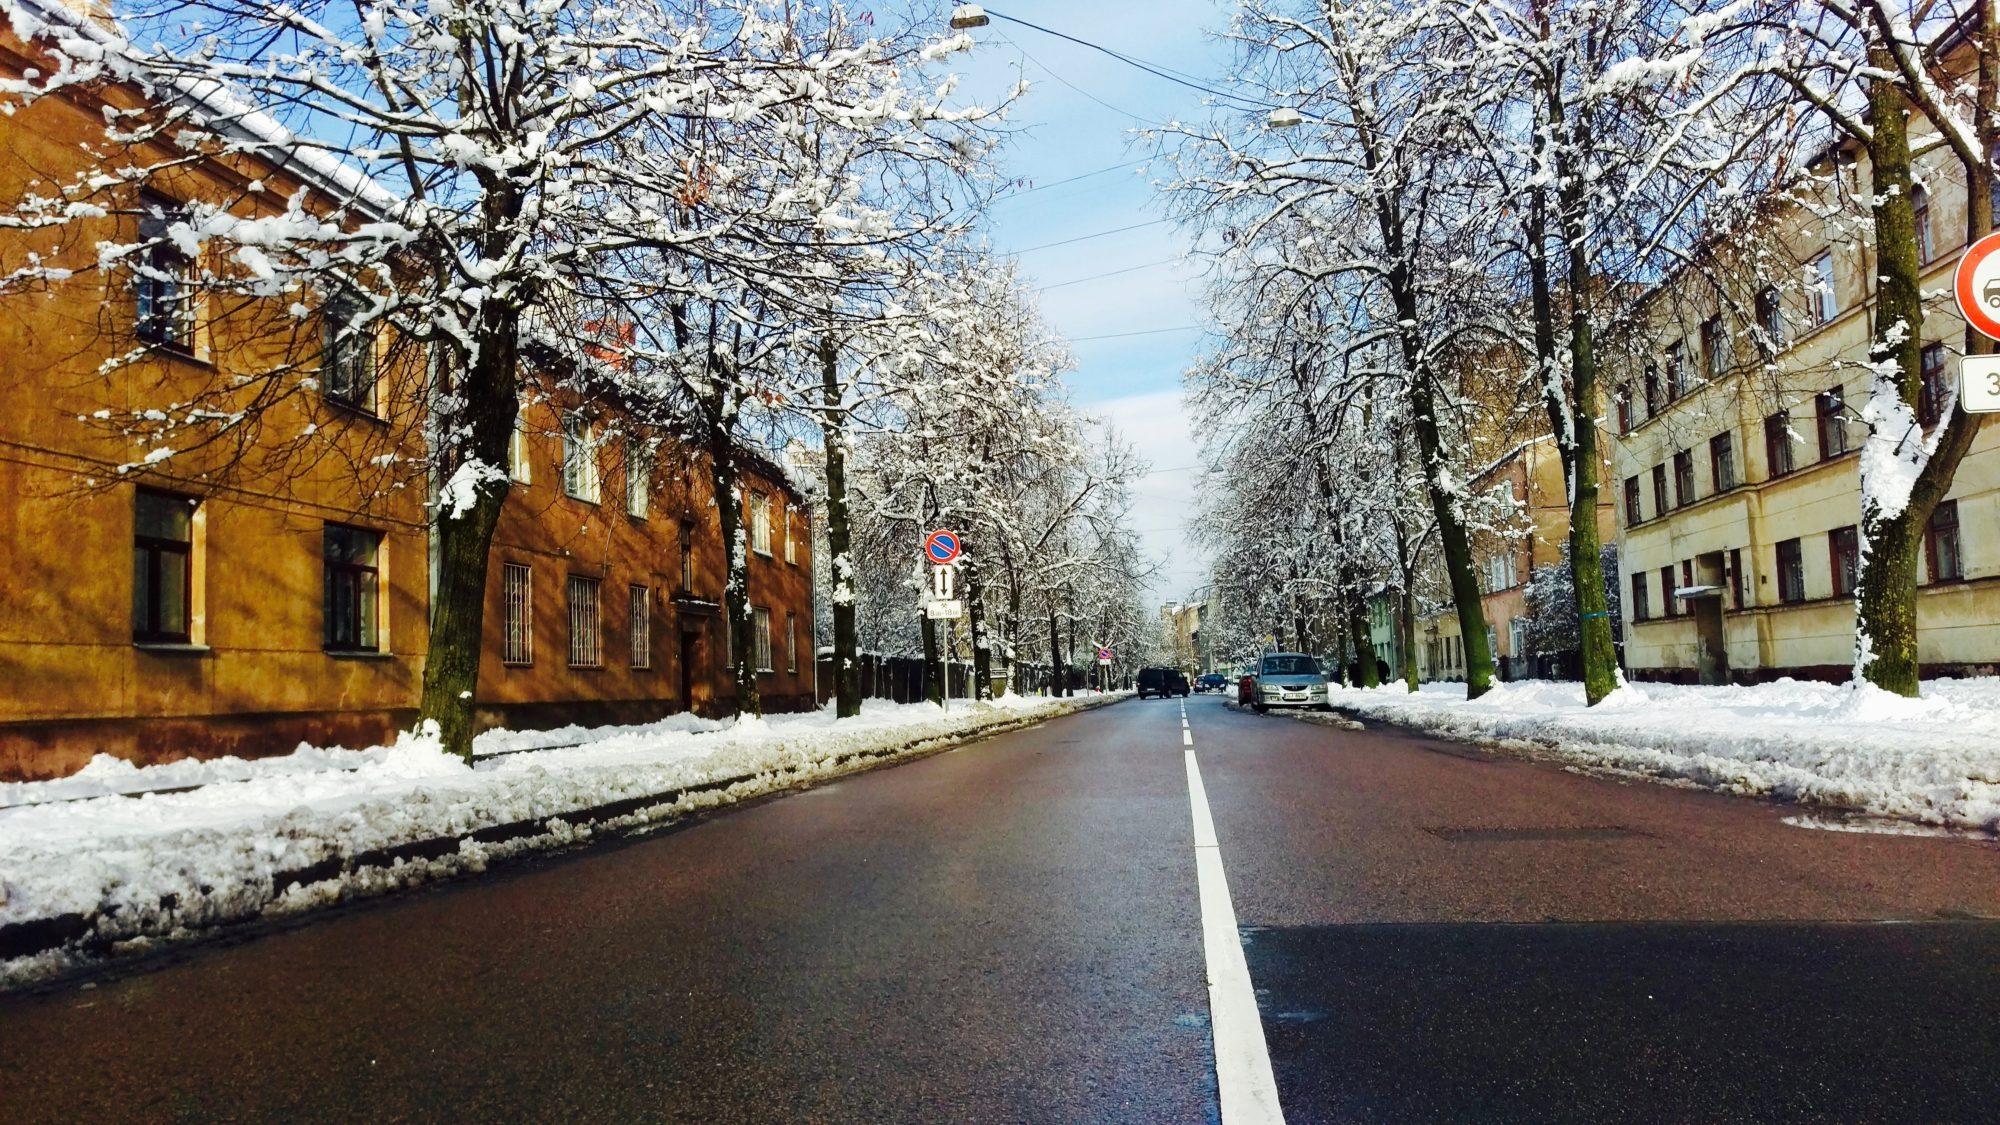 Pērnavas Street - neighborhood of Grīziņkalns